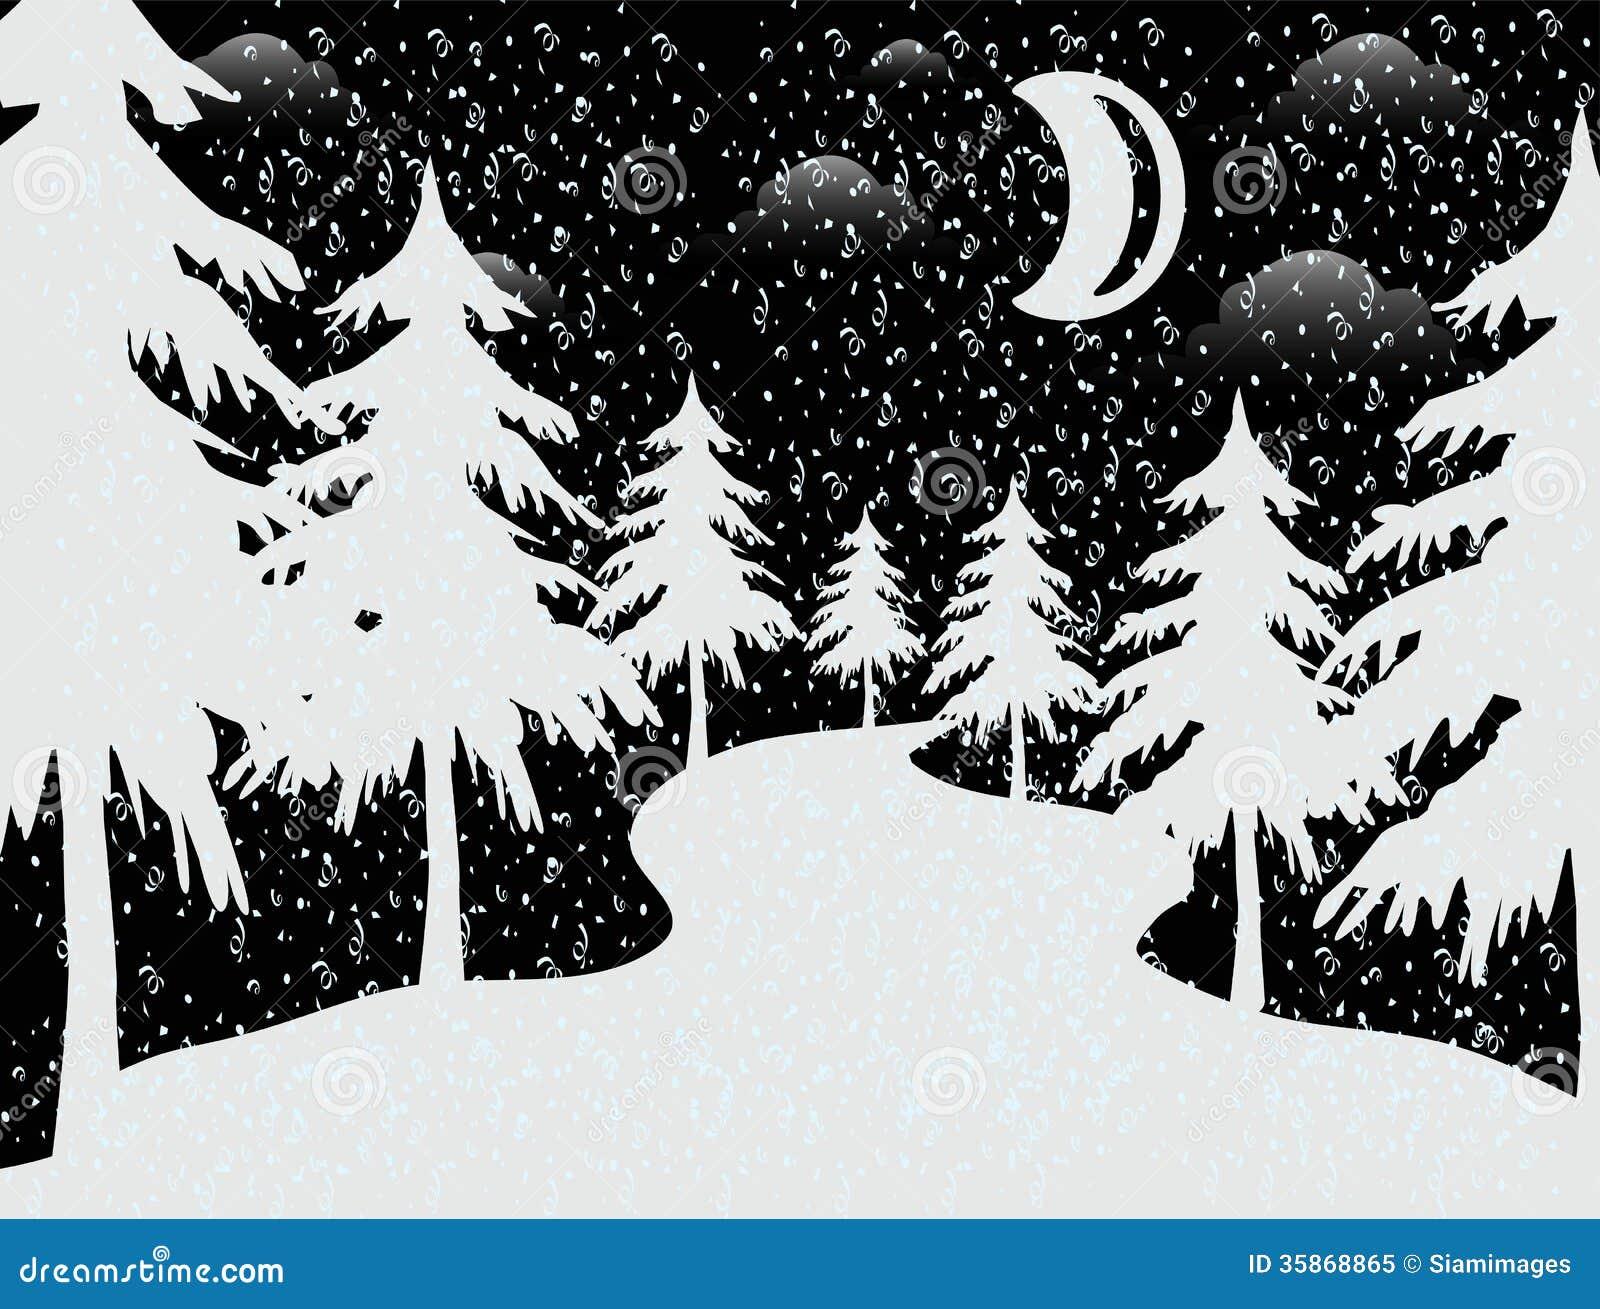 Themen Der Frohen Weihnachten Stock Abbildung - Illustration von ...